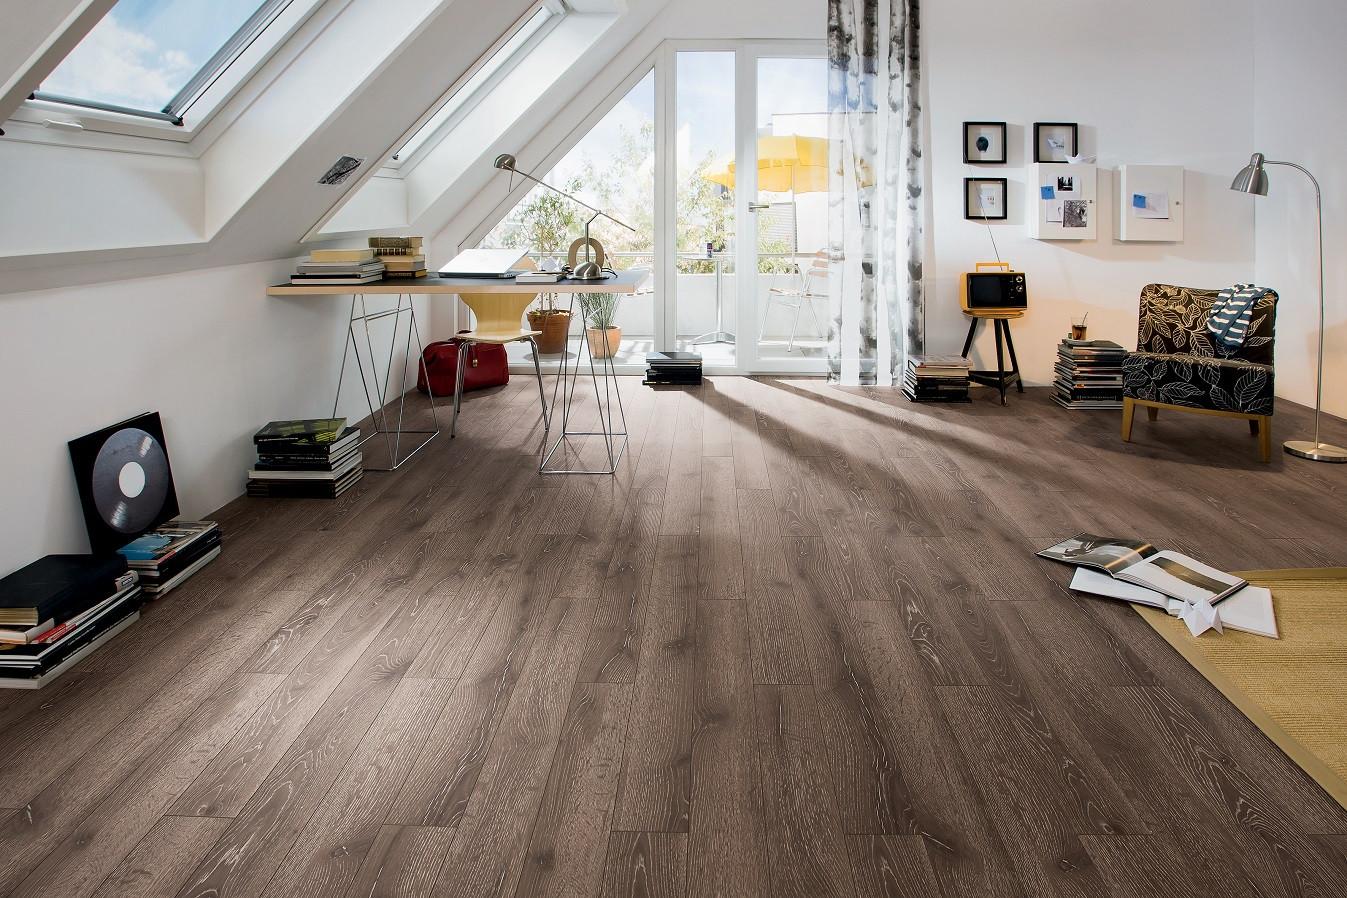 dg hardwood floors of ca laminate flooring california wood floor boards san jose los with regard to ca best place to buy hardwood flooring